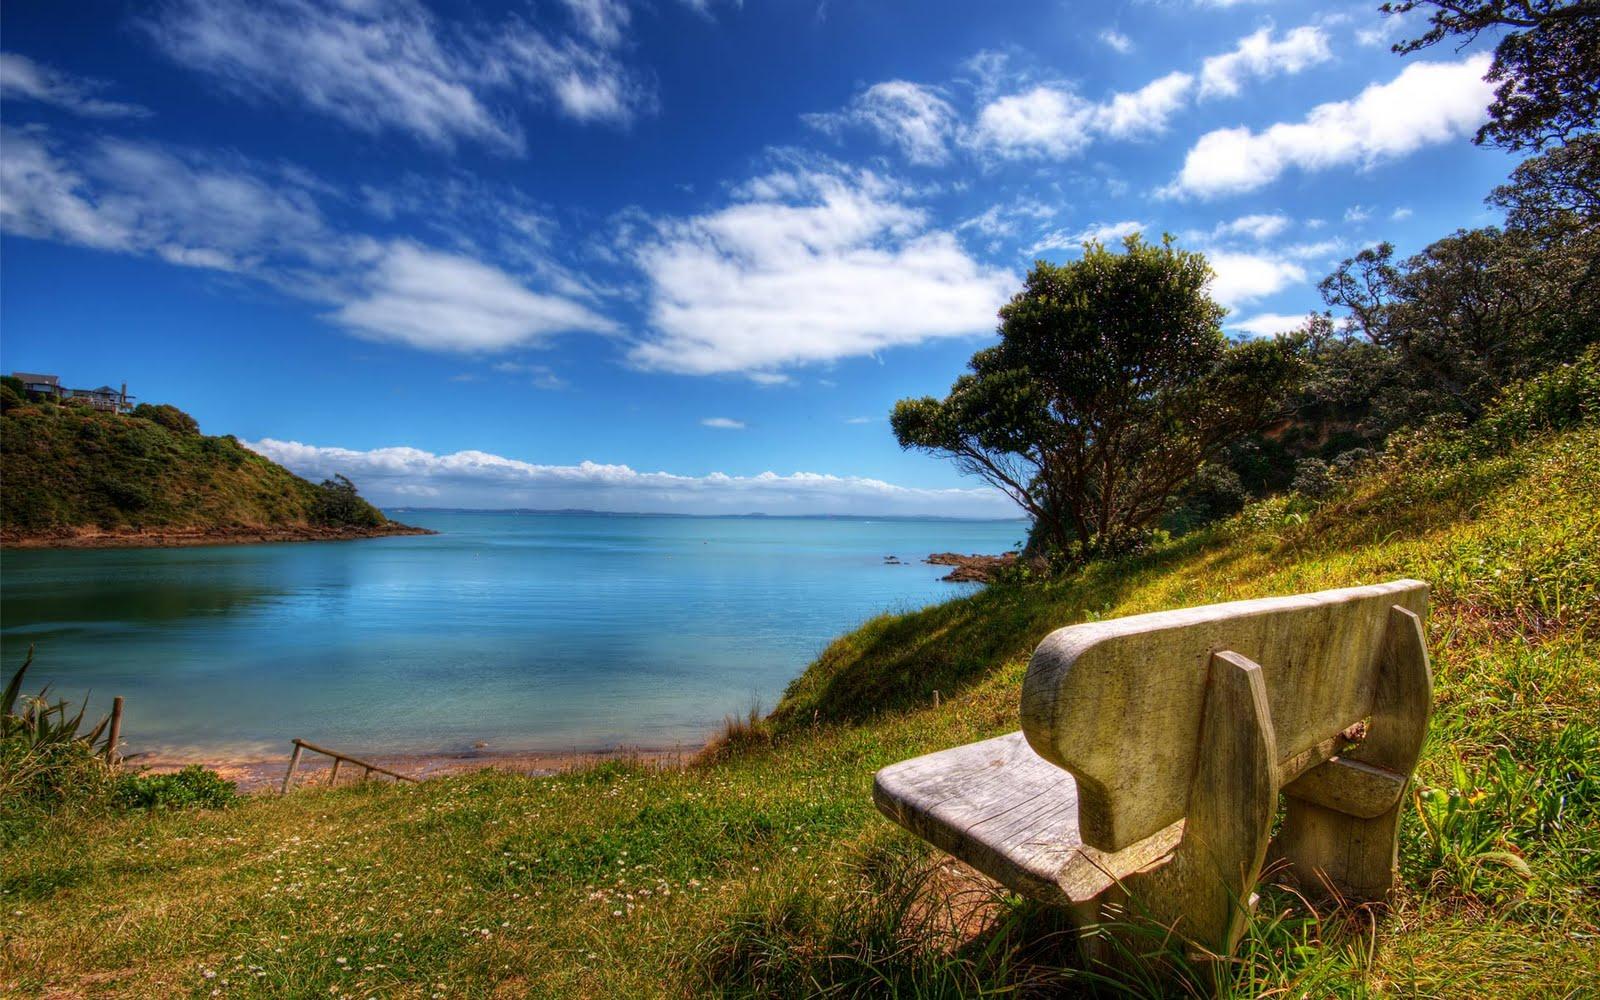 http://2.bp.blogspot.com/-AA4pAwX9mvc/TkTKAxy1SGI/AAAAAAAAAEM/zeeHlOva2Ug/s1600/Beach_Lake_-_Olympic_National_Park%252C_Washington.jpg